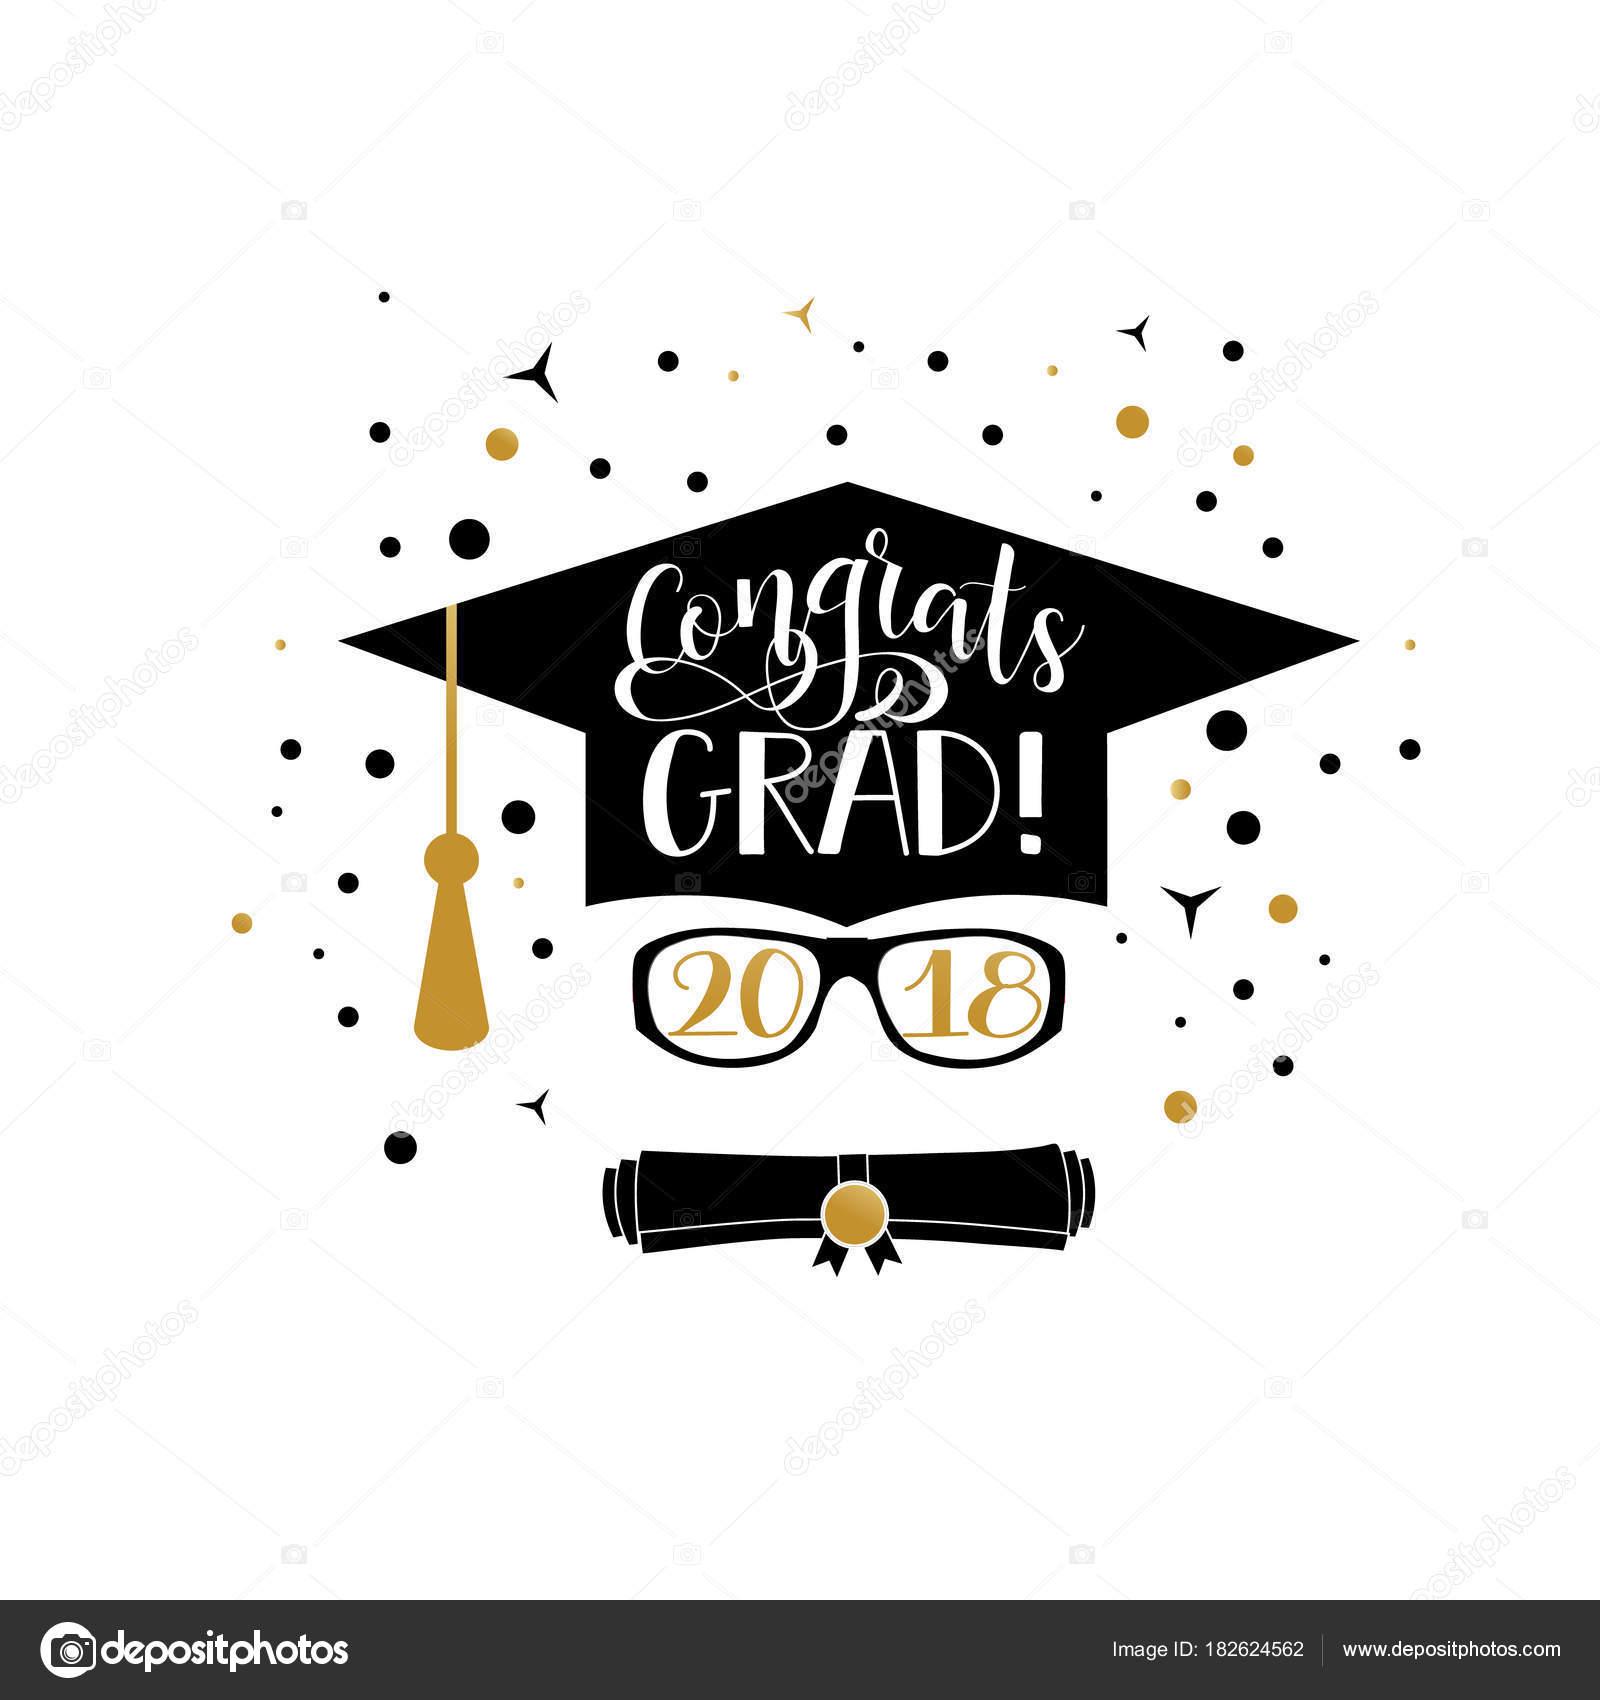 Congrats Grad Lettering Congratulations Graduate